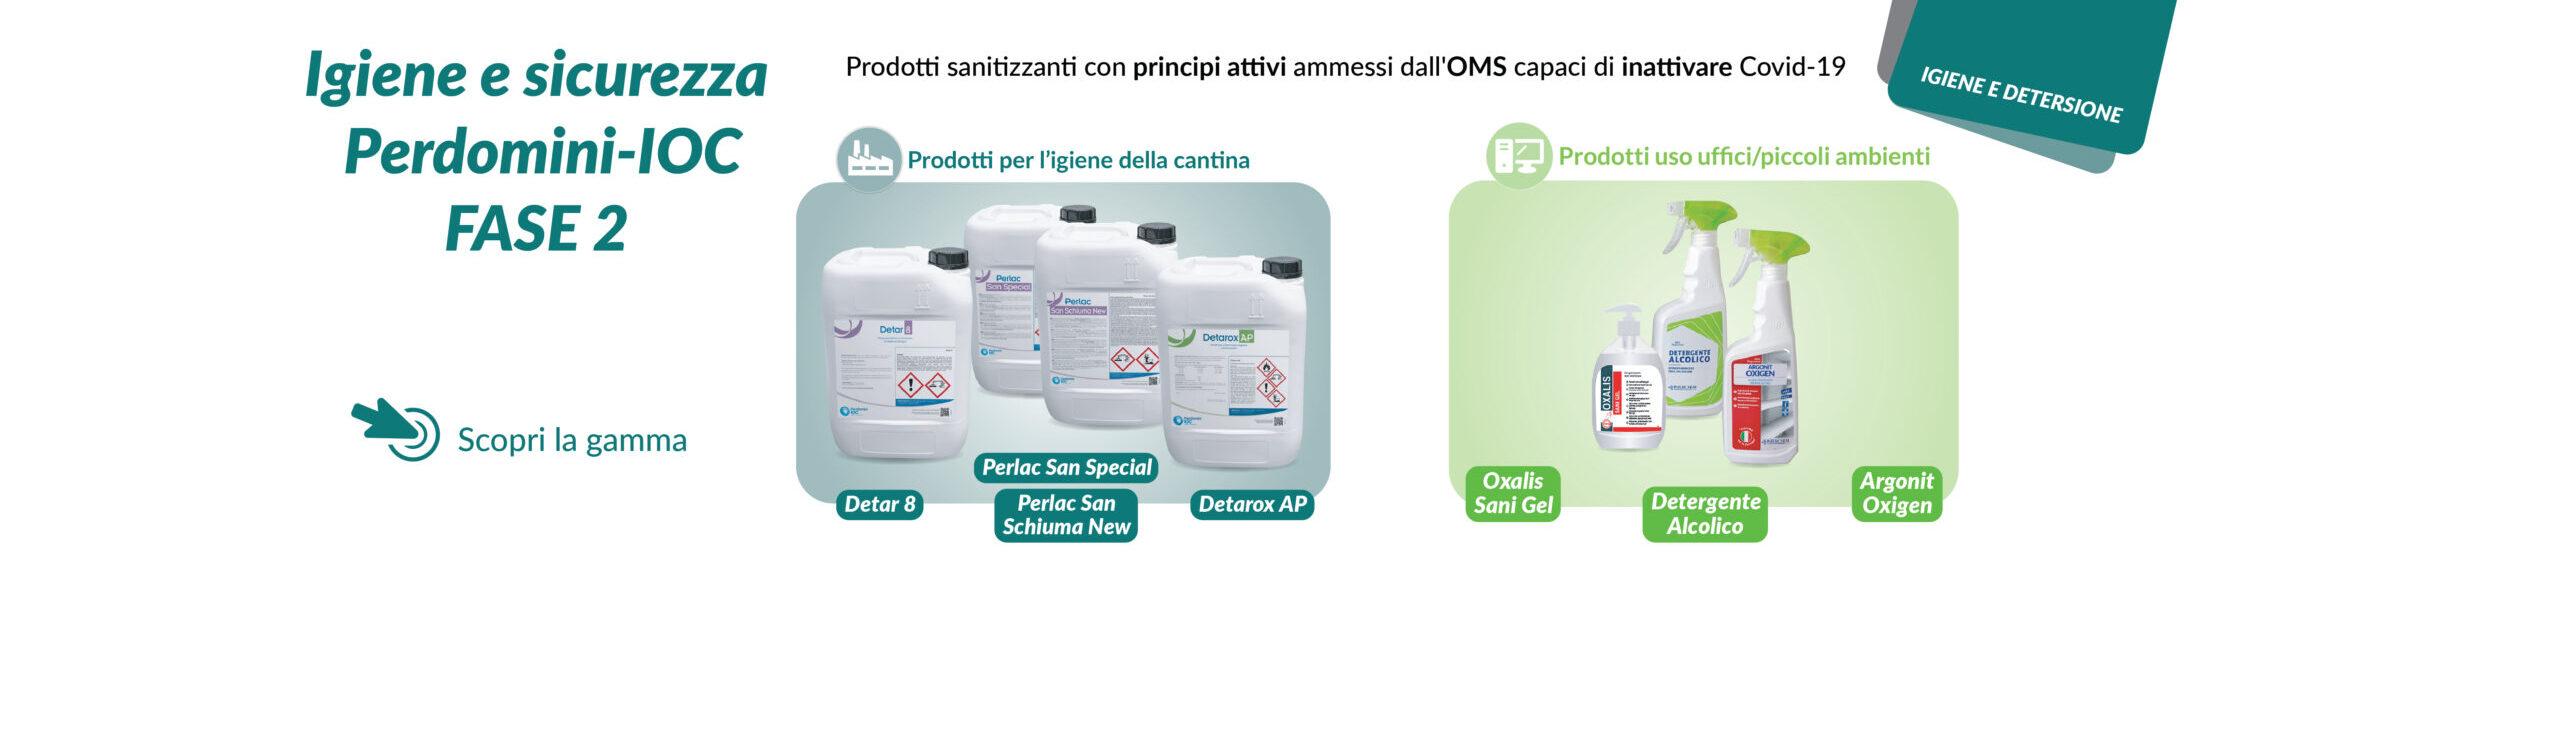 Prodotti sanitizzanti